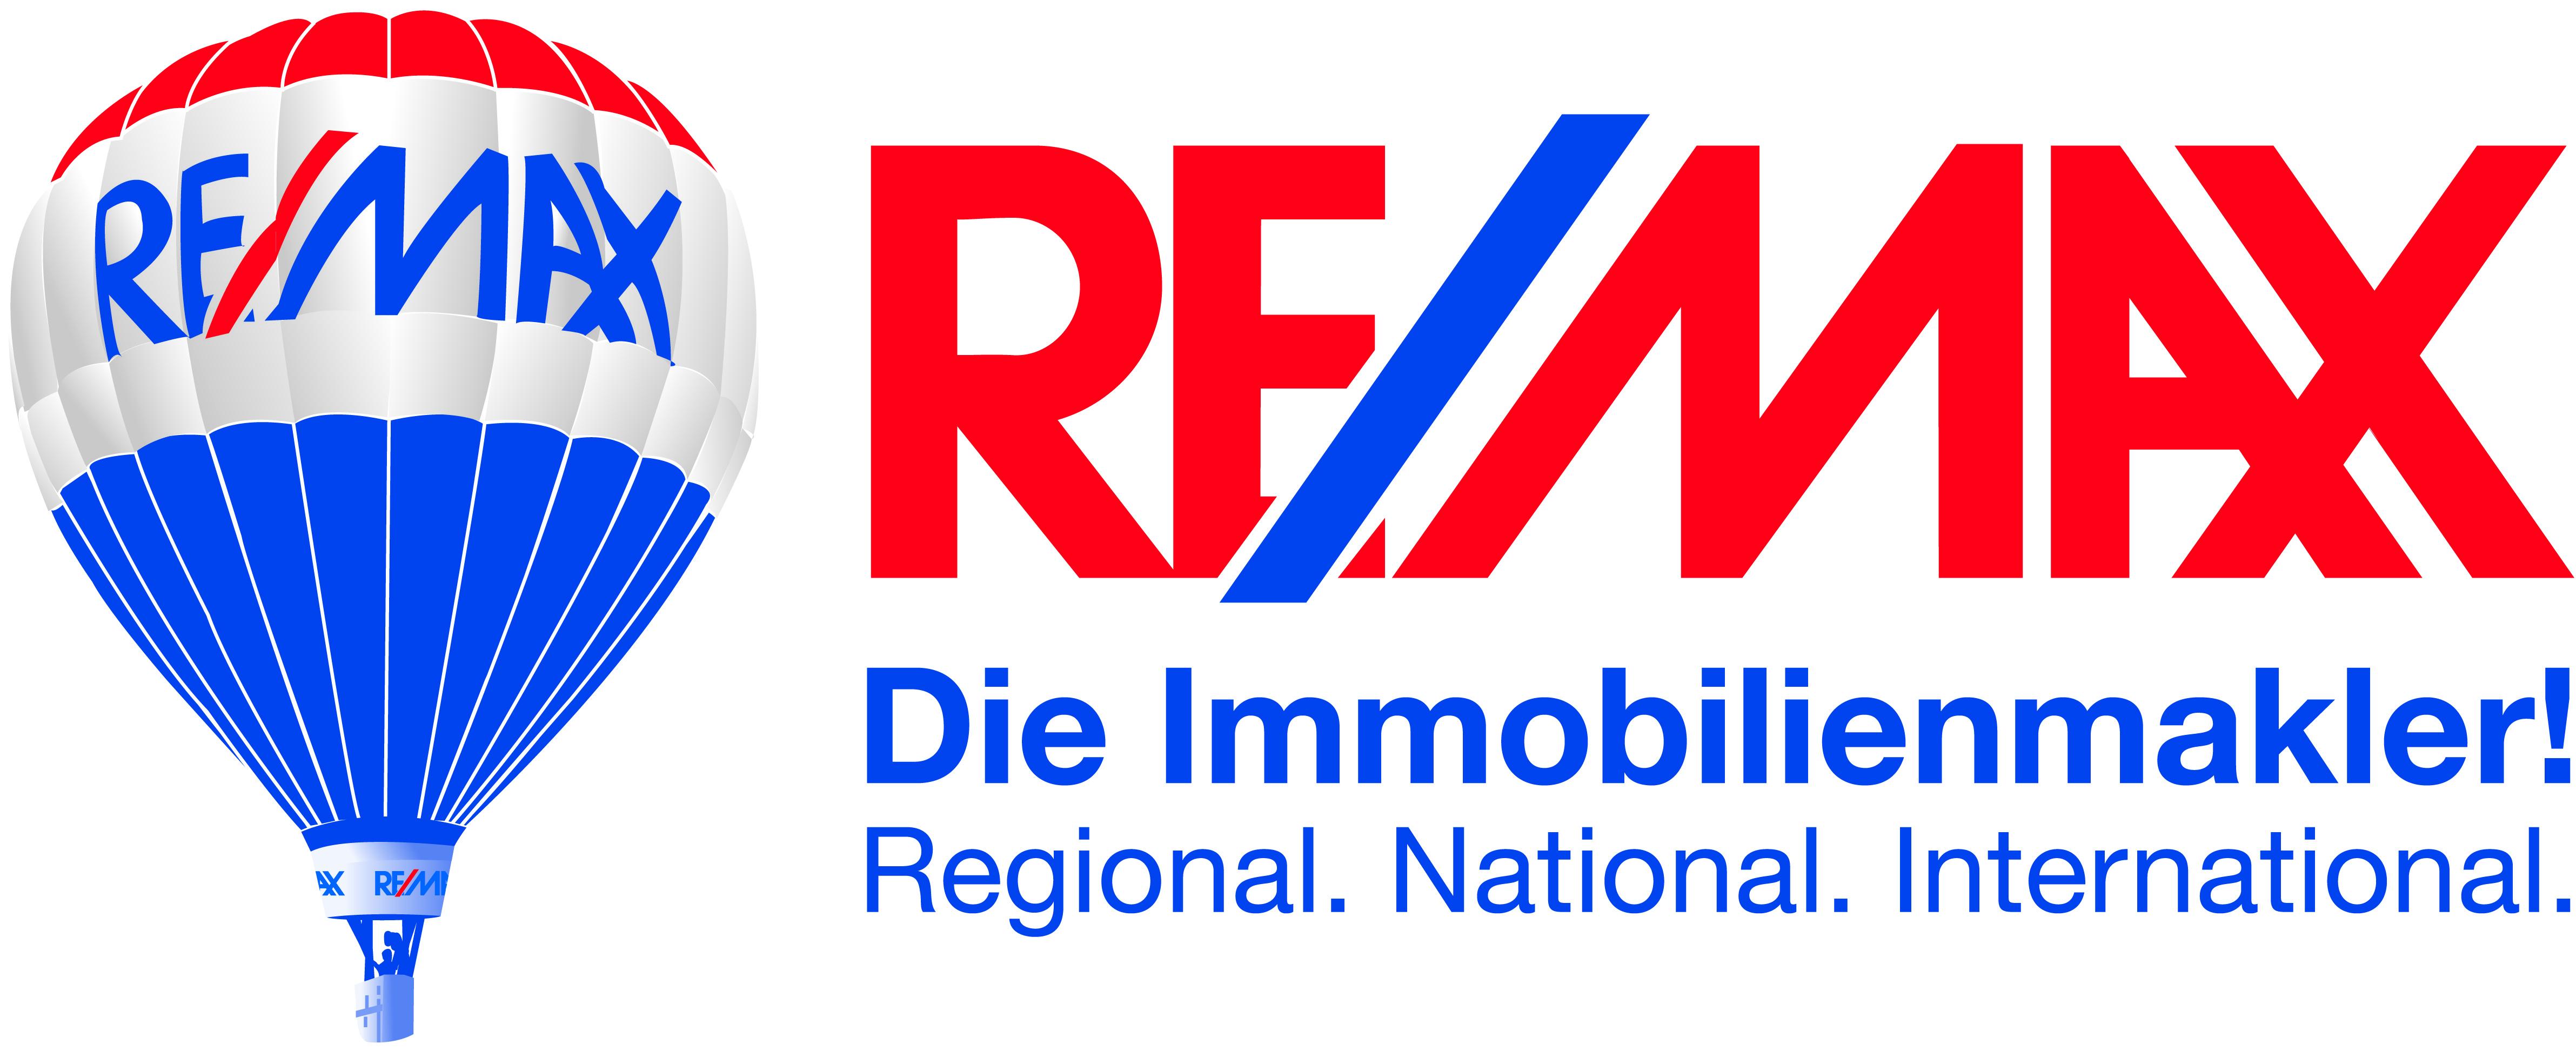 Hier sehen Sie das Logo von RE/MAX Ansbach & Stein